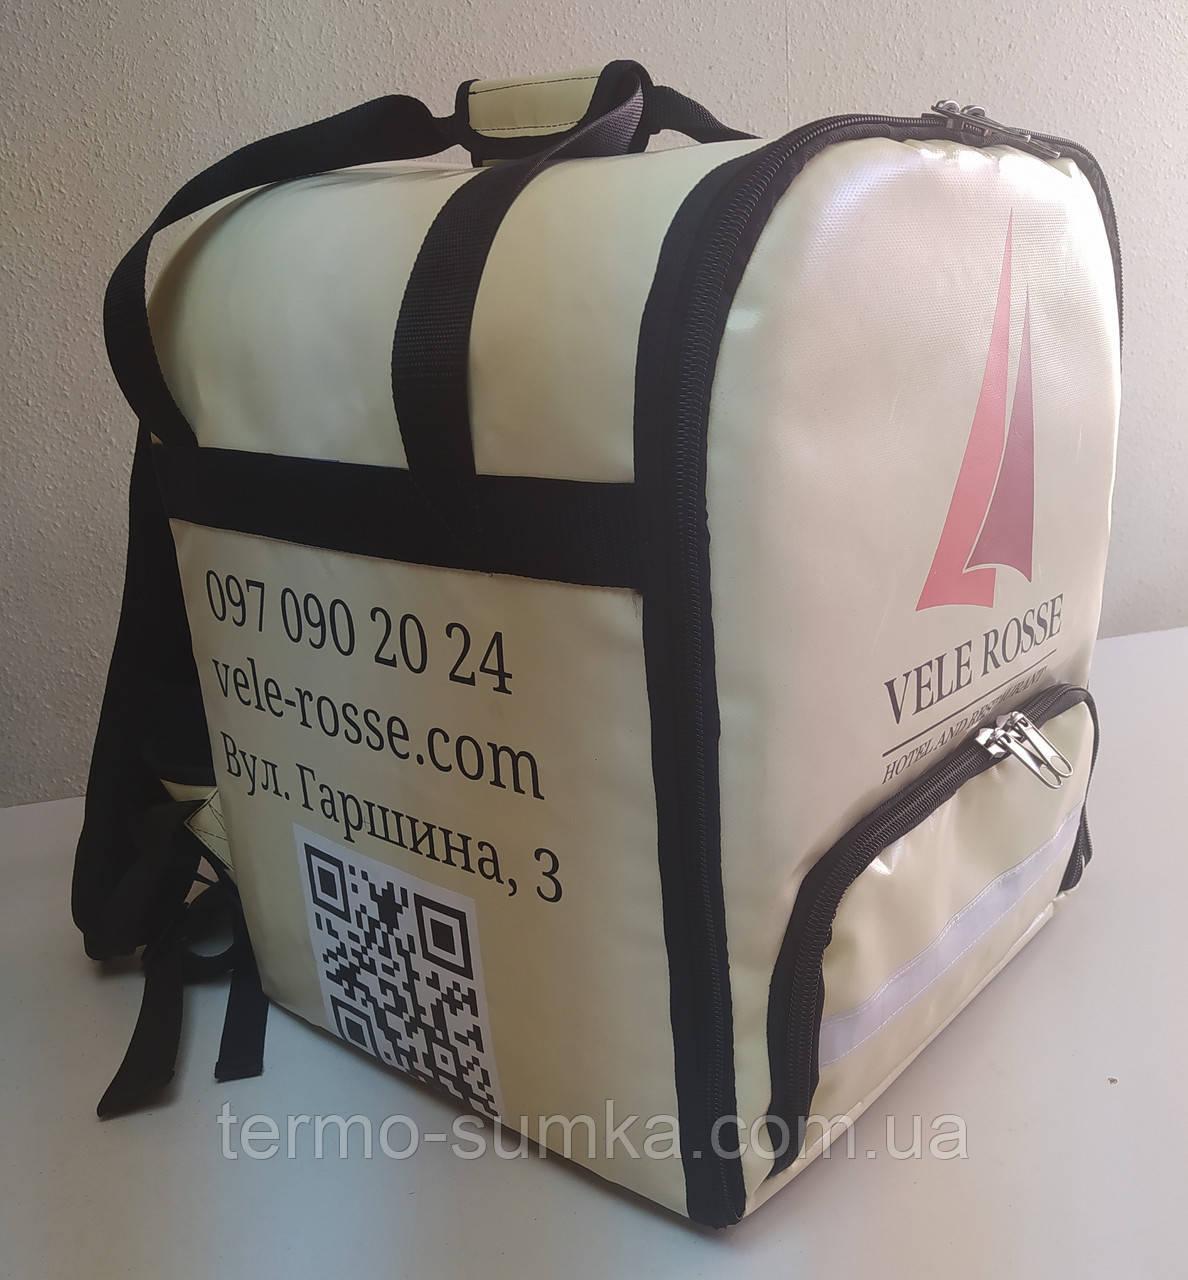 Термосумка для доставки їжі, суші. Рюкзак для піци, нижнє відділення 32*32. Каркасний. ПВХ